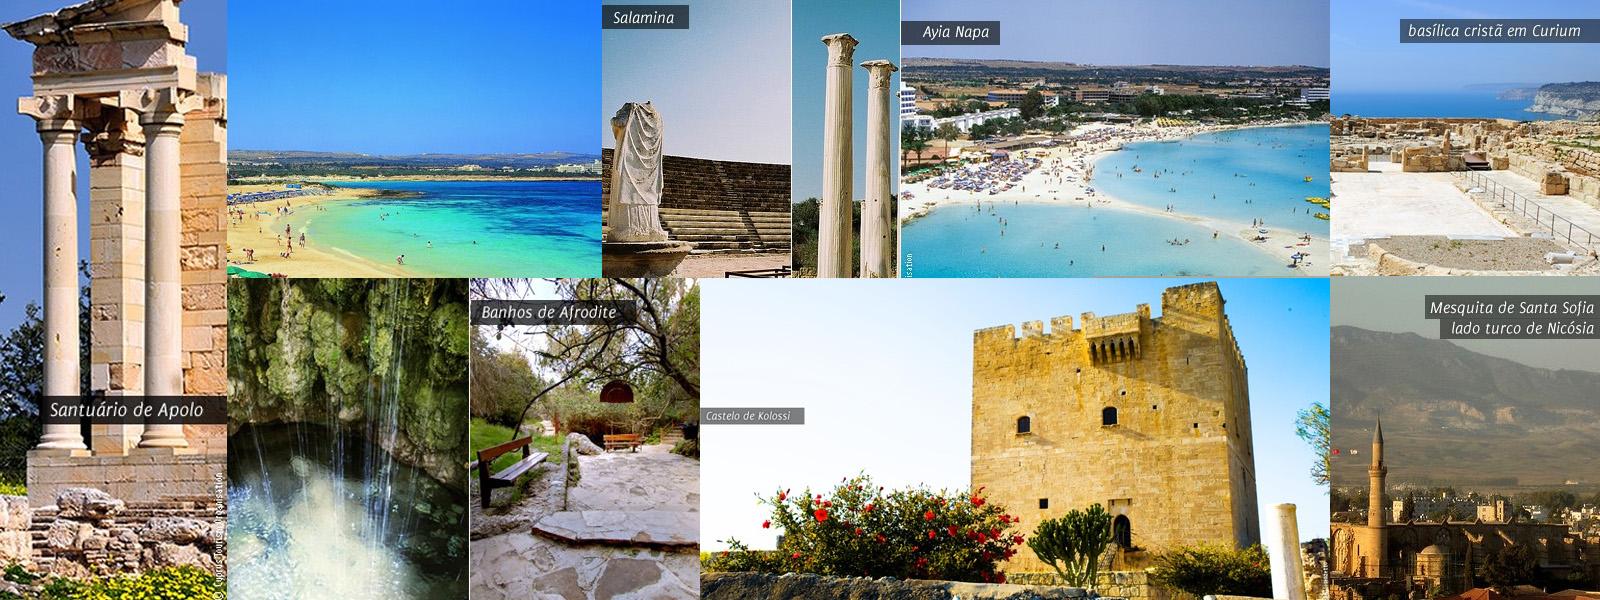 Circuito do Chipre – 08 a 15 de Junho de 2018